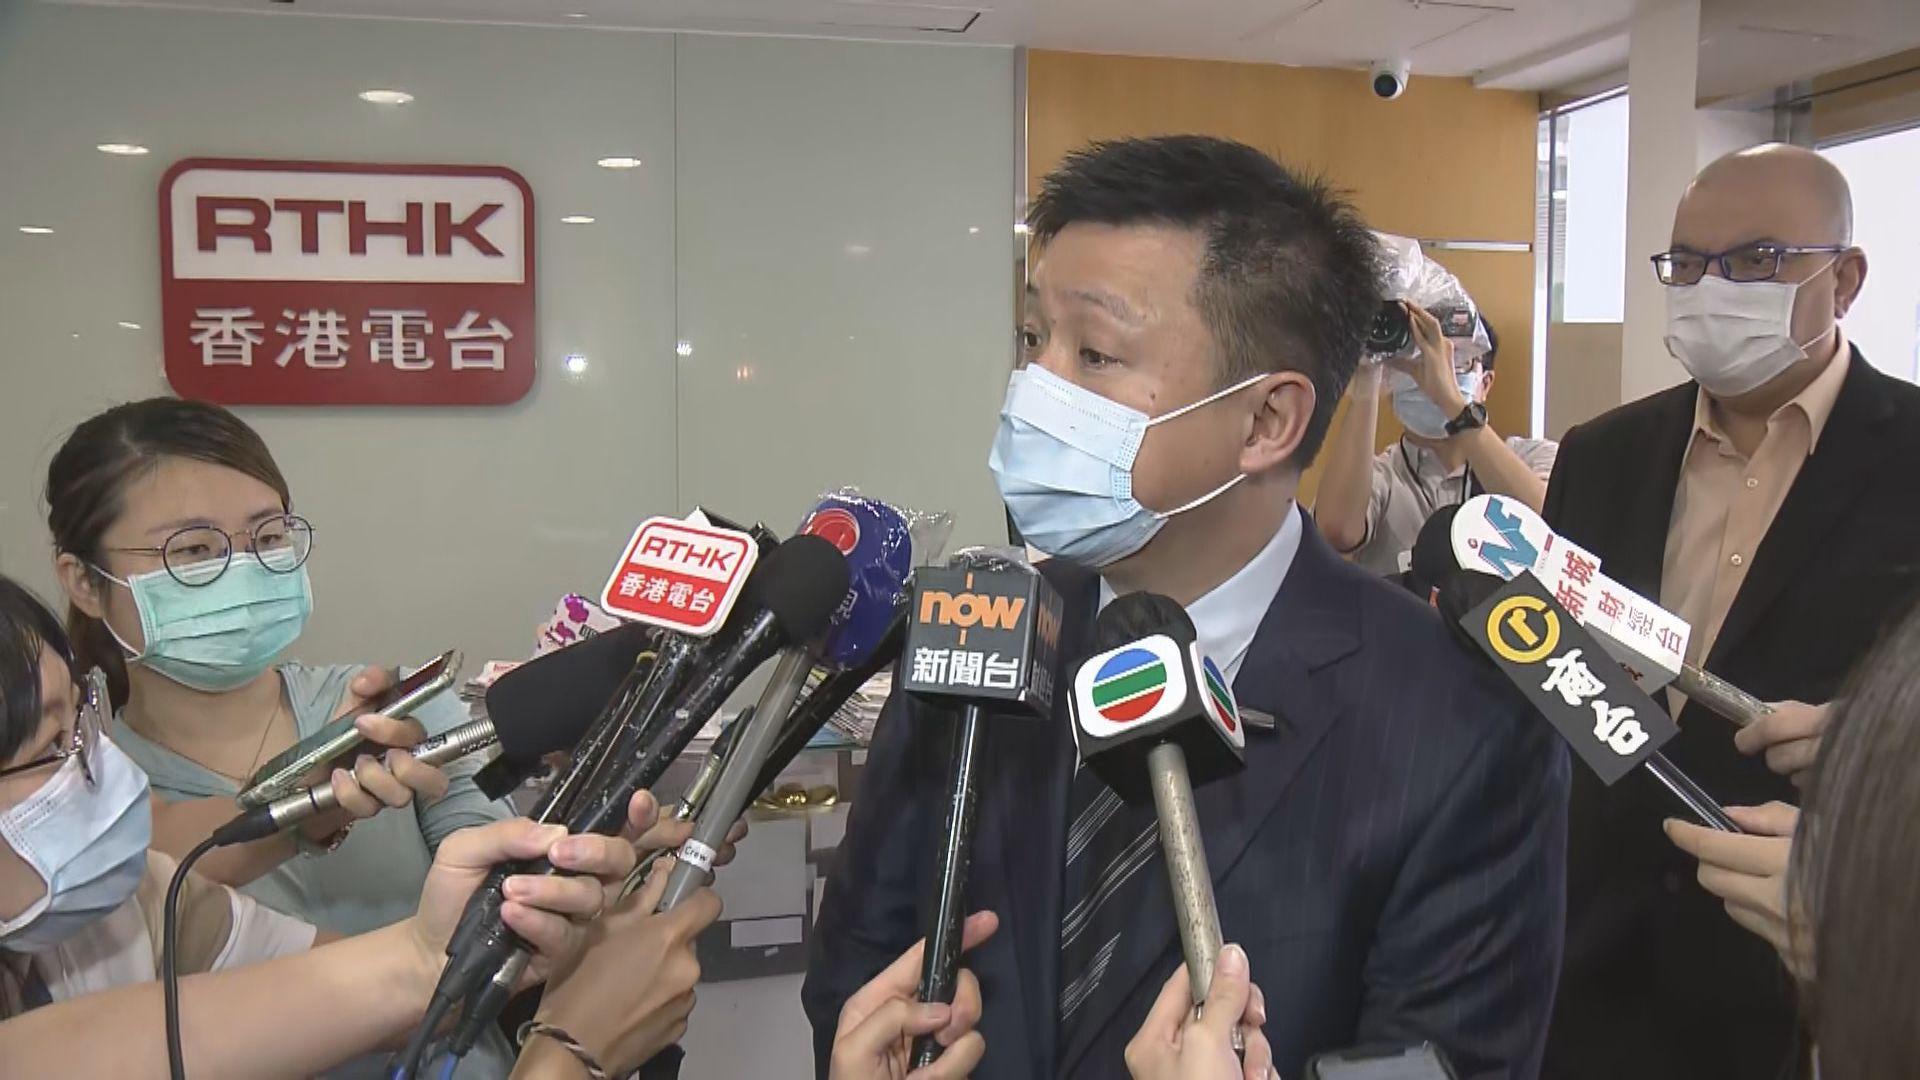 陳建強稱會討論何君堯對鏗鏘集來函 但不會討論停播